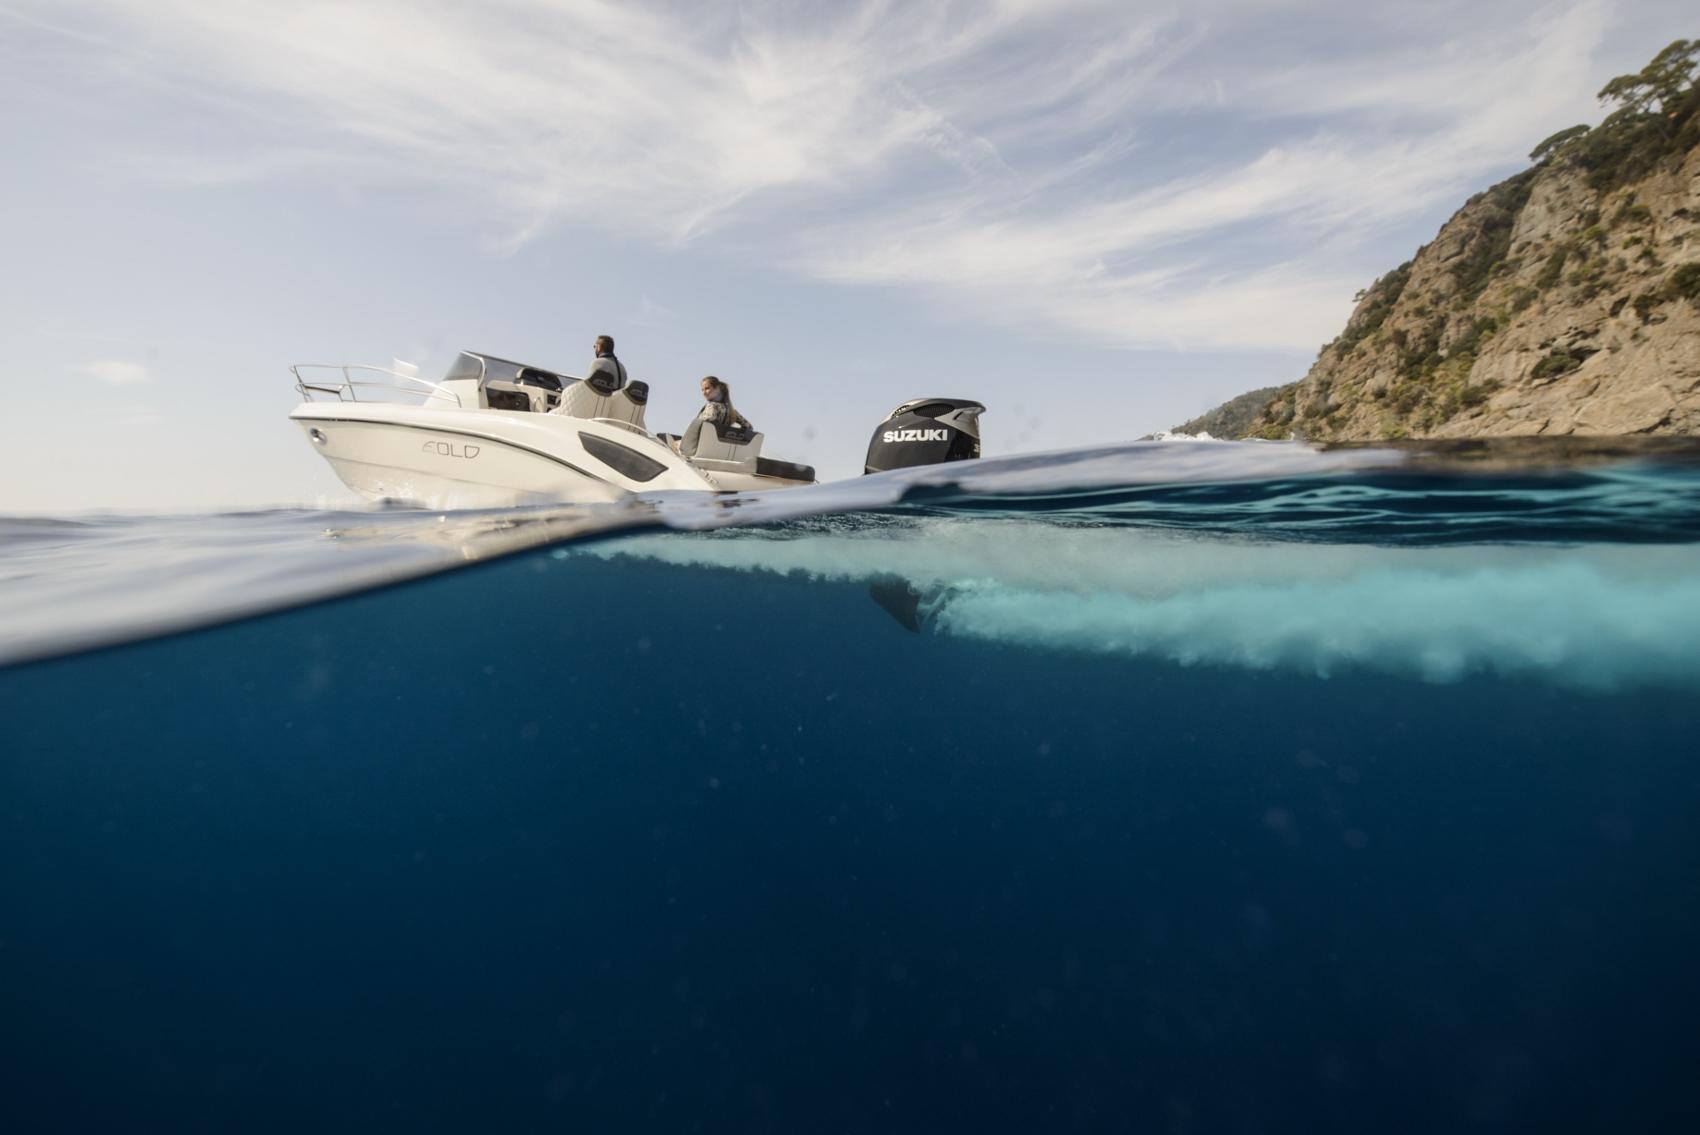 Suzuki vyvinulo motor pre člny, ktorý čistí oceány od mikroplastov